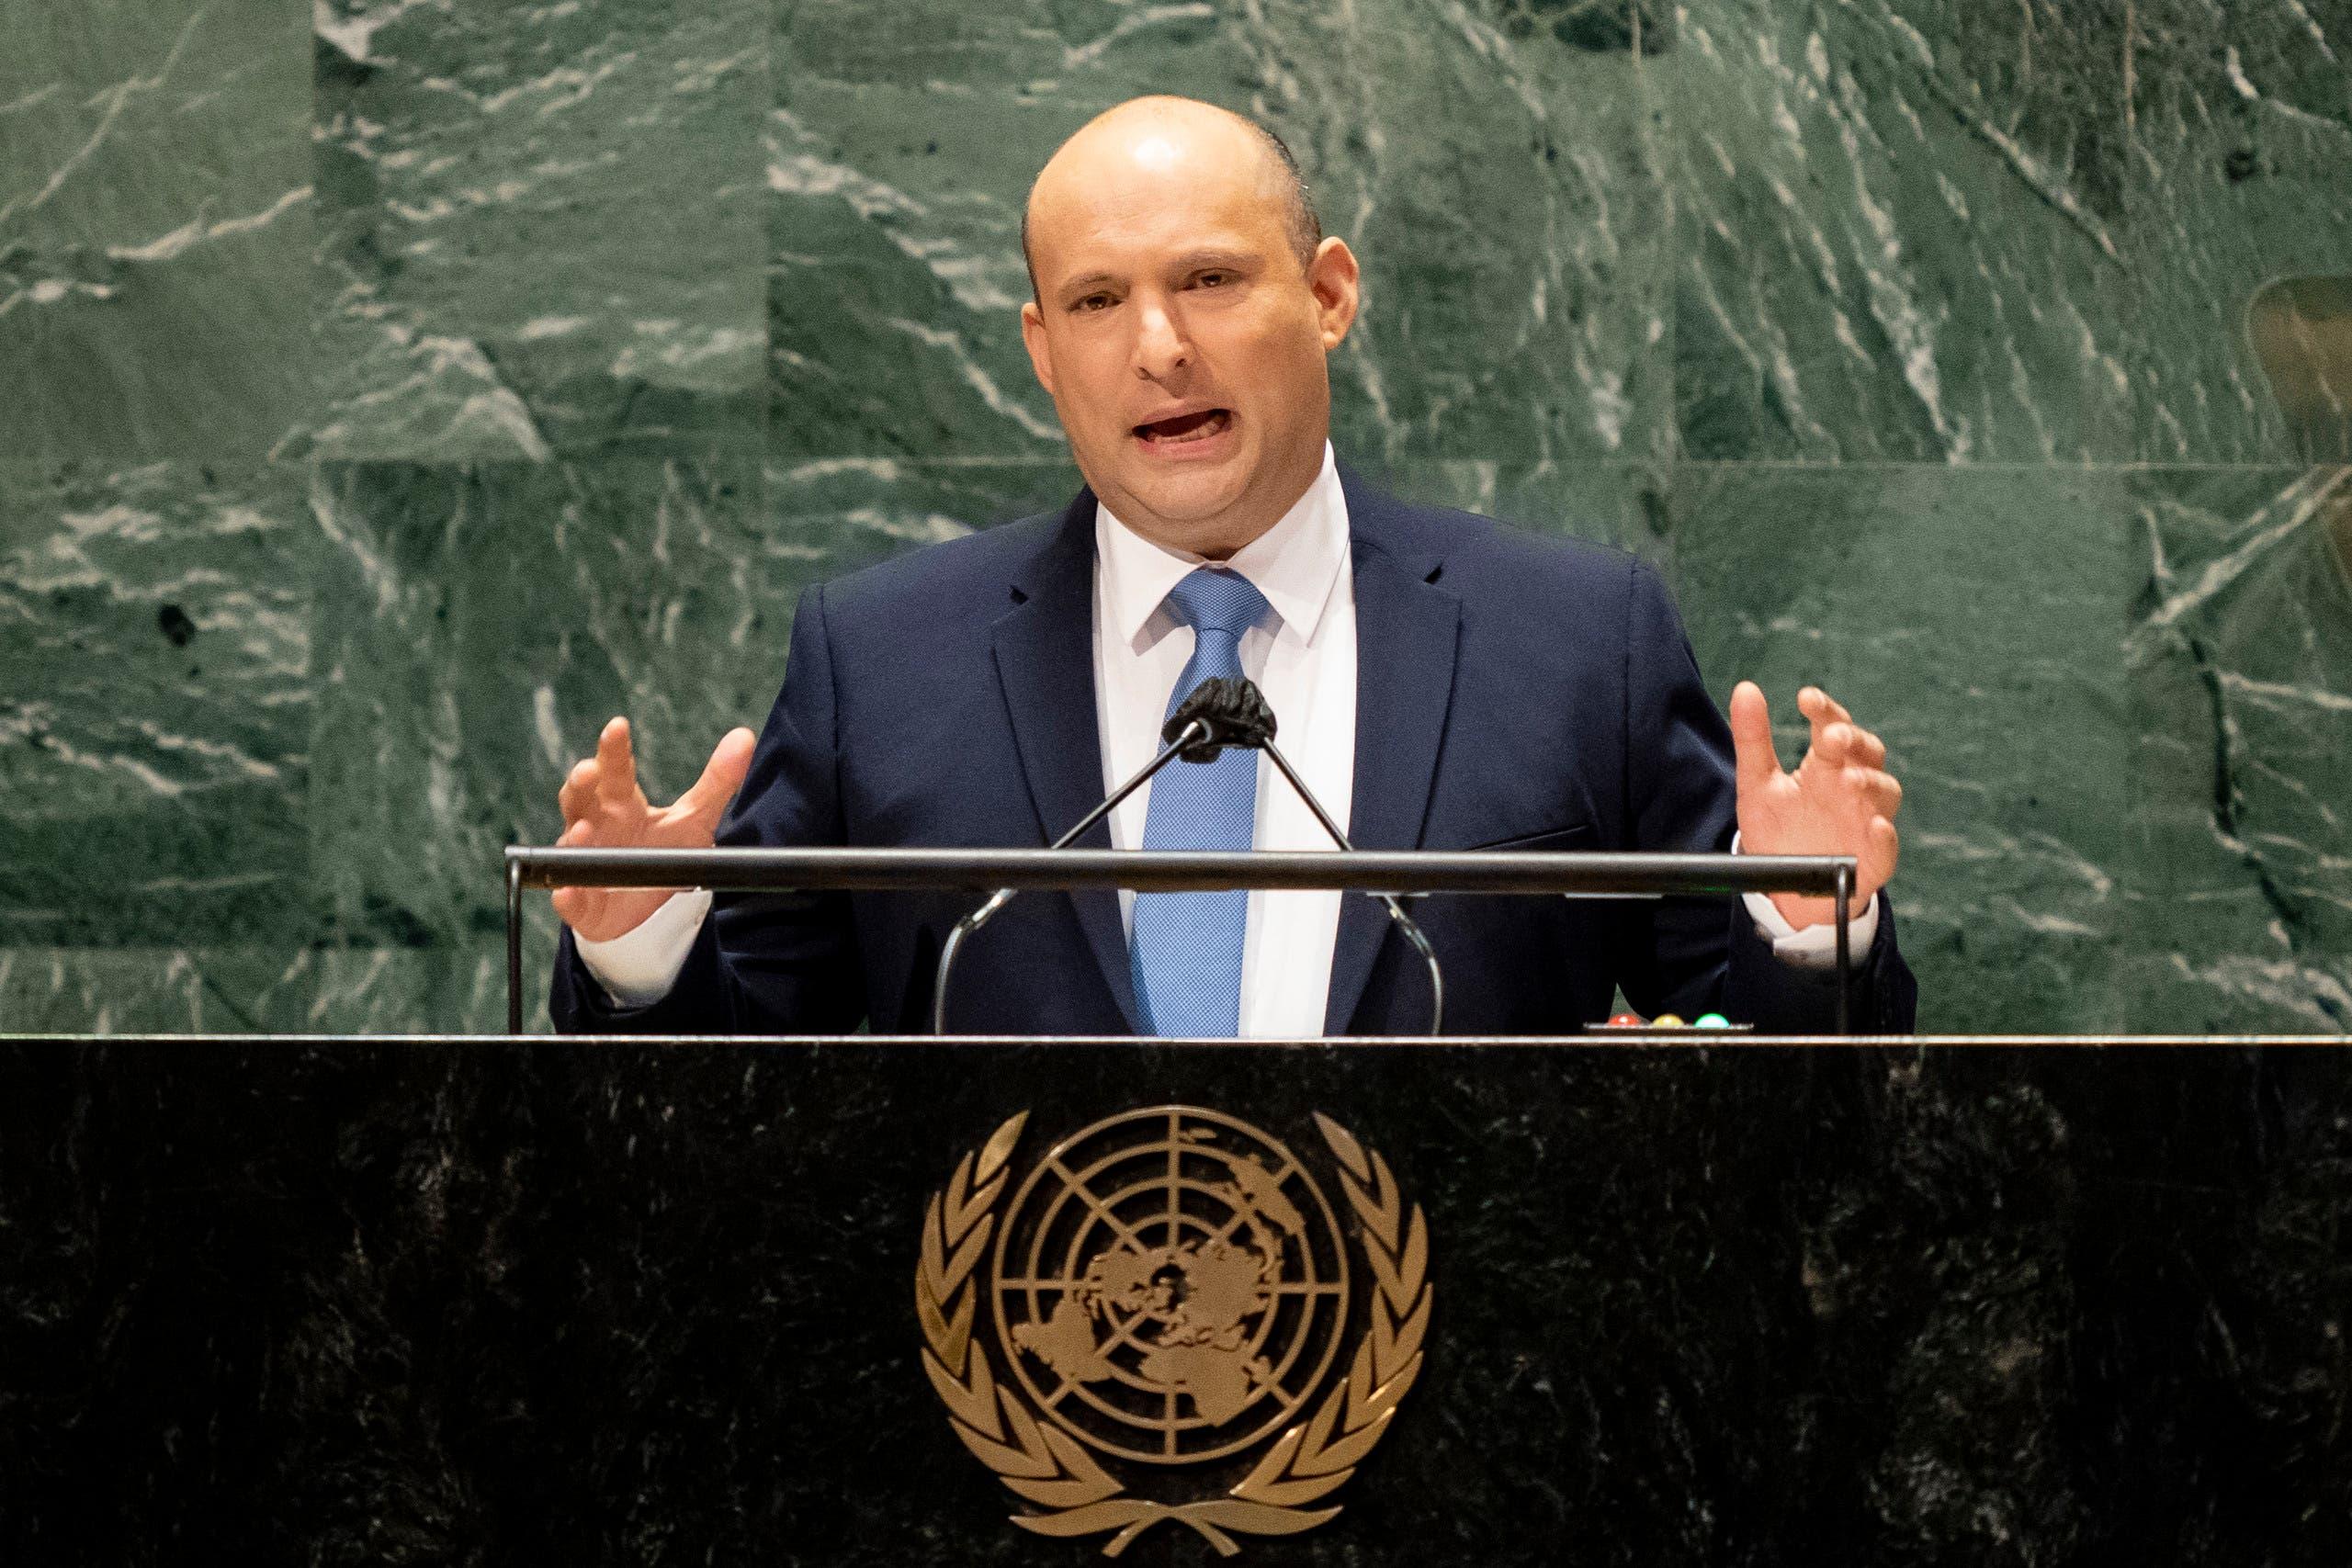 نفتالي بينيت متحدثاً في الأمم المتحدة (27 سبتمبر 2021 من فرانس برس)